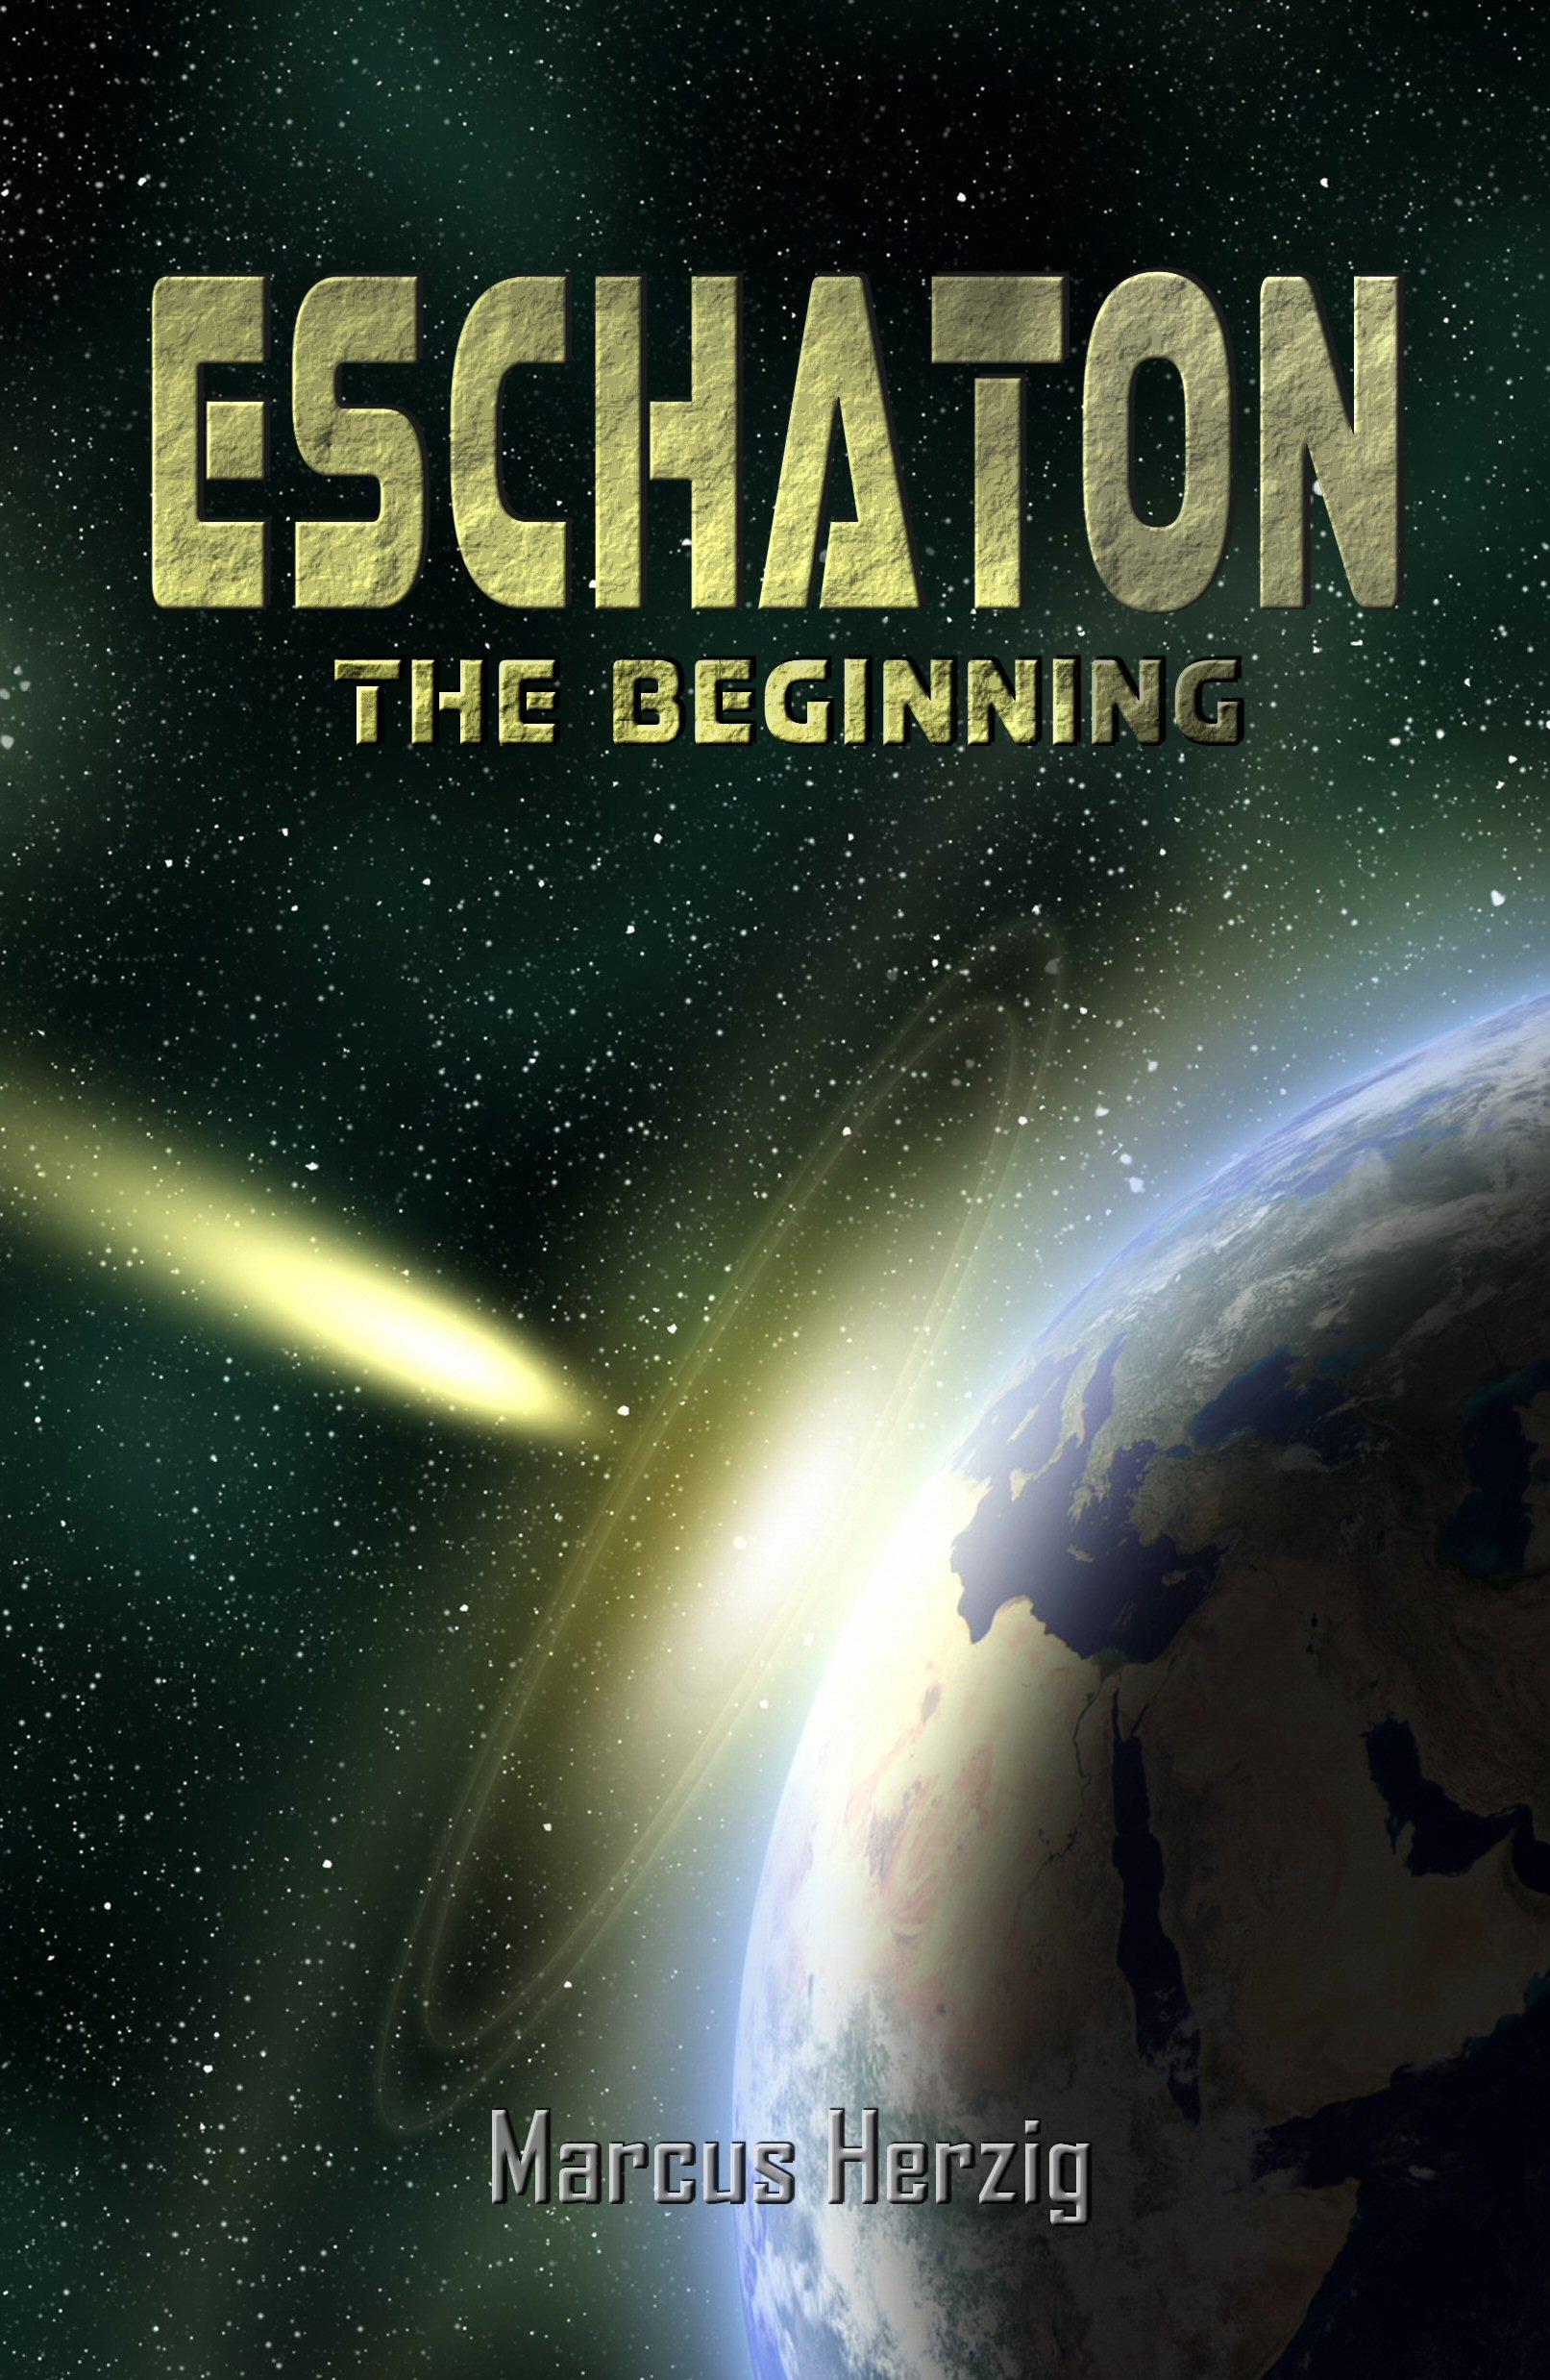 Eschaton – The Beginning